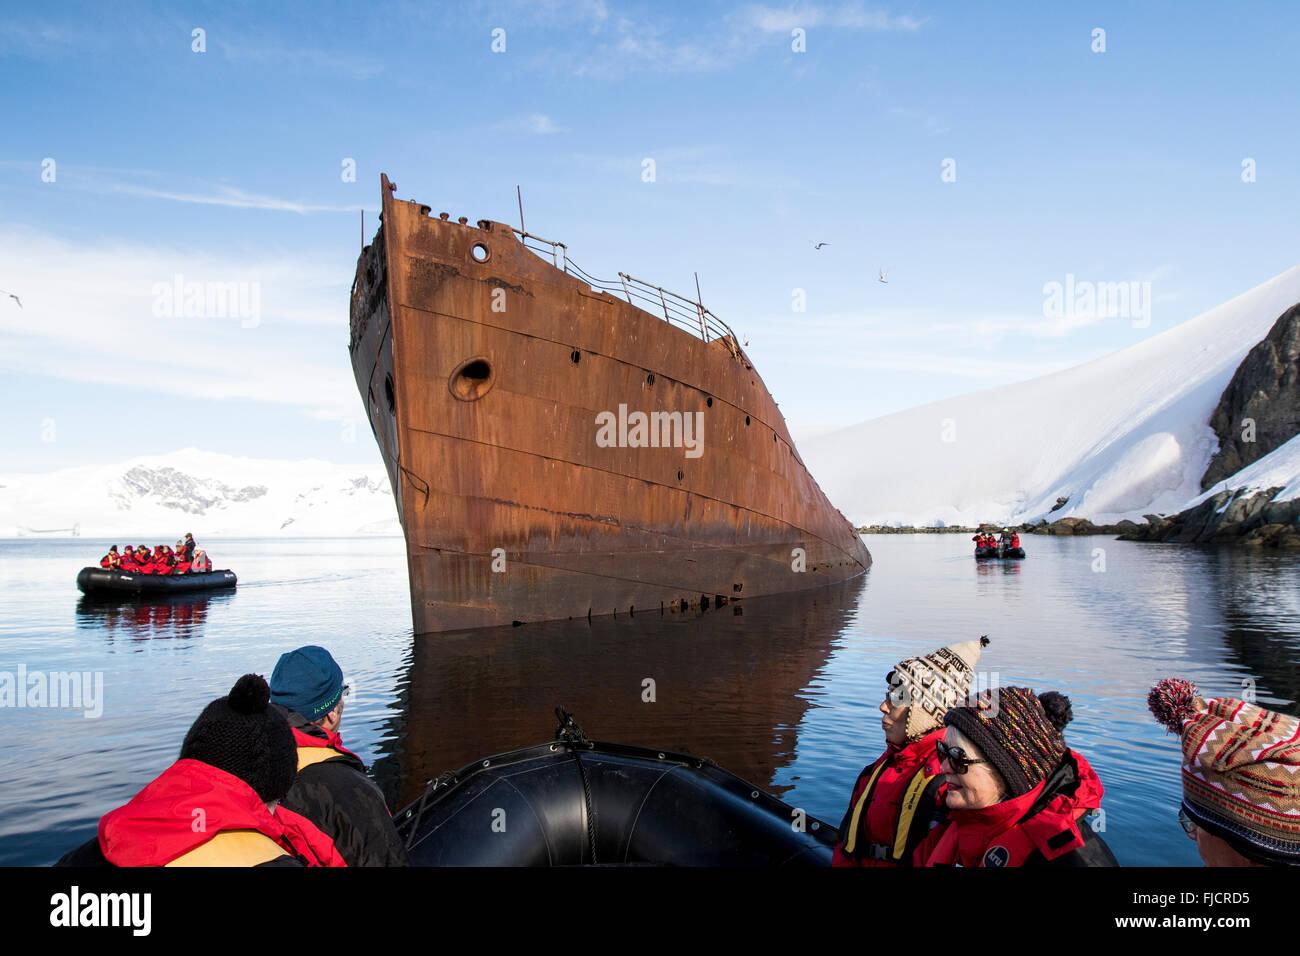 Antarktis Tourismus mit Kreuzfahrtschiff Passagiere in Zodiac Boot Anzeigen von alten und historischen Walfangschiff. Stockbild